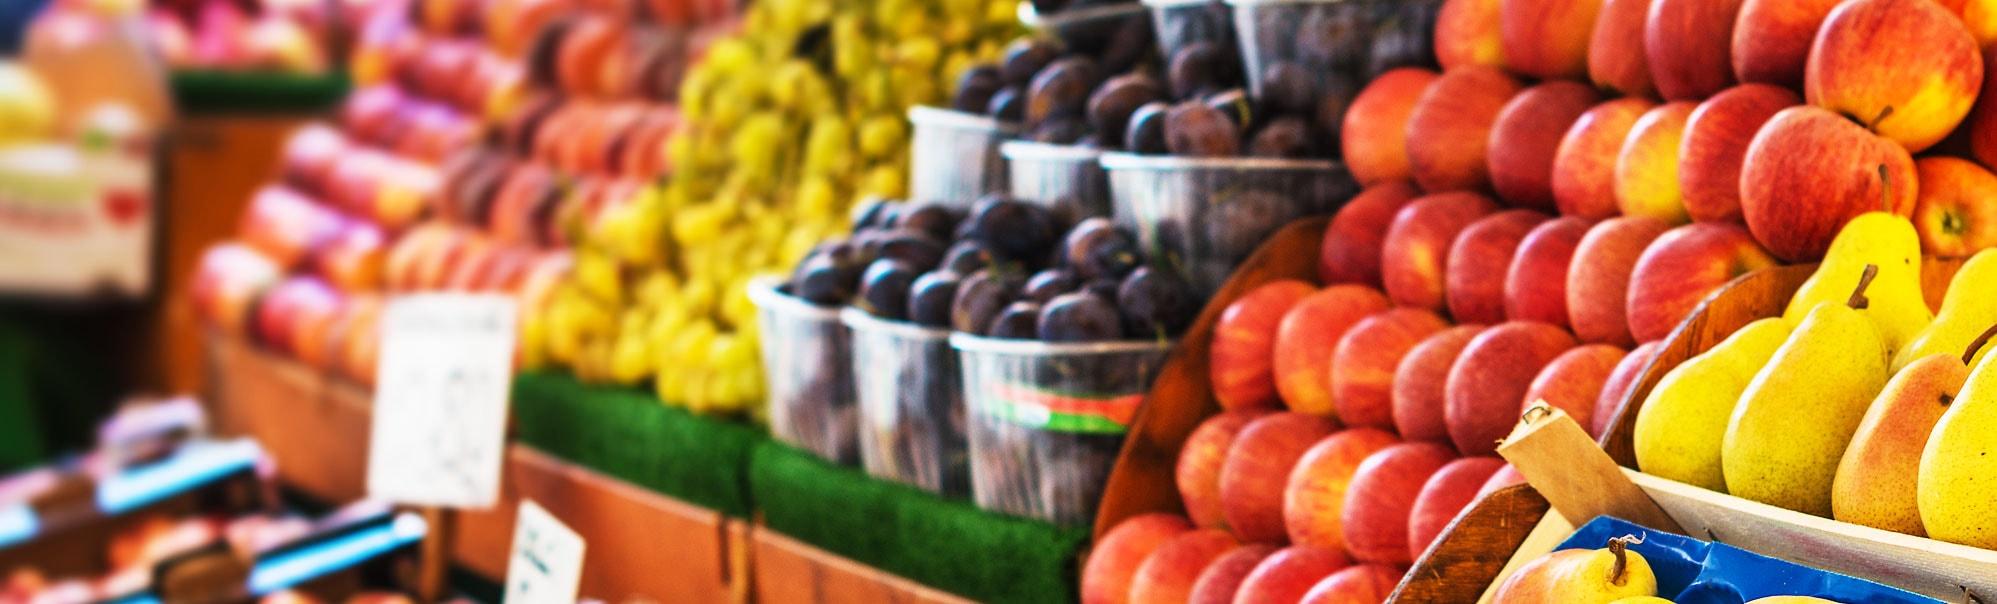 Heuch Solar Market. Fresh Food Processing.